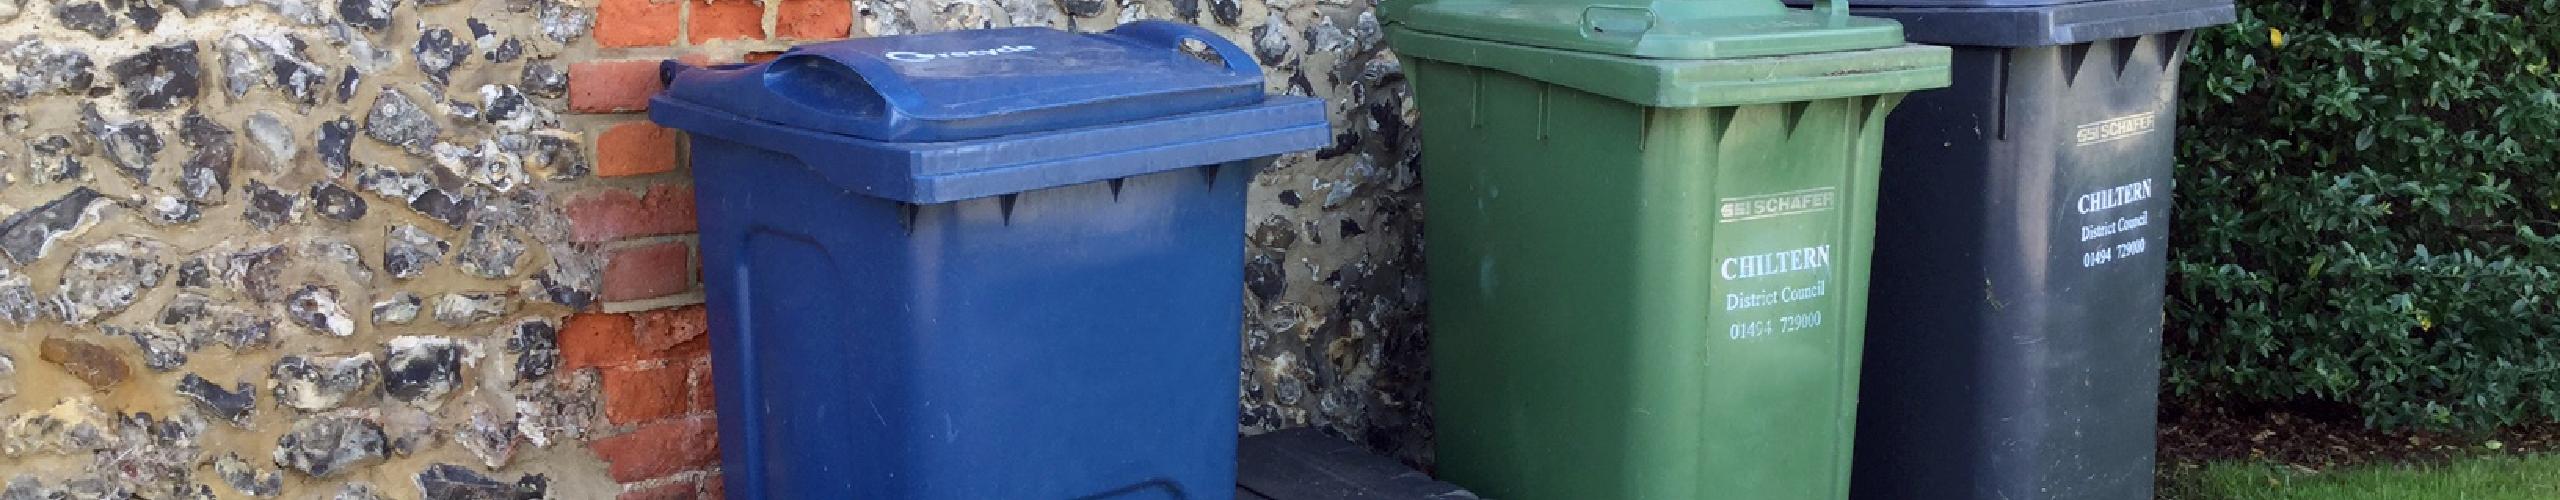 Full suite of waste bins